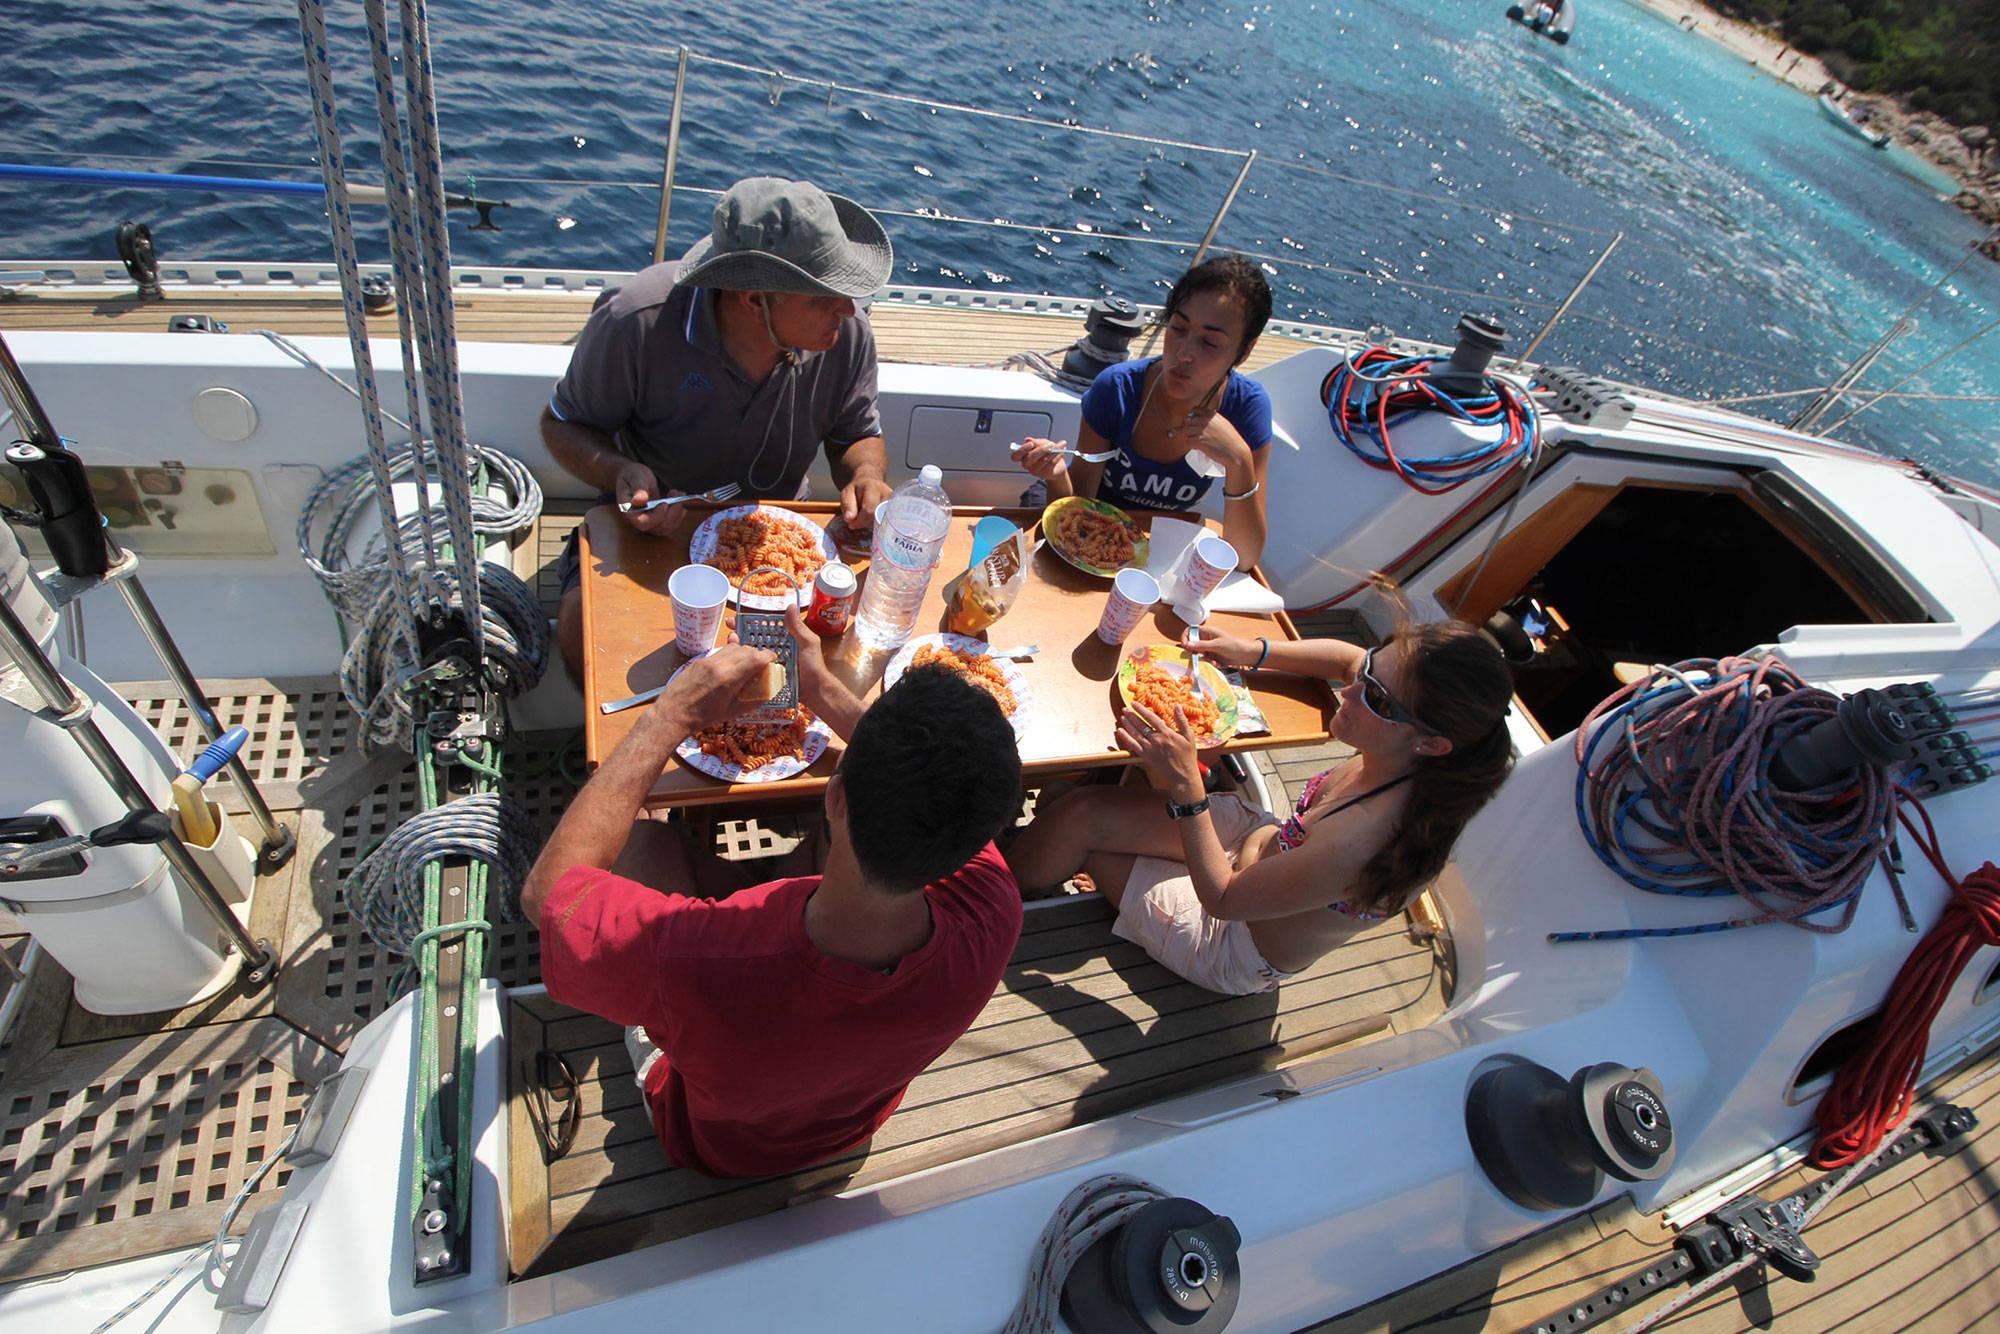 escursioni-in-barca-pranzo-a-bordo-2